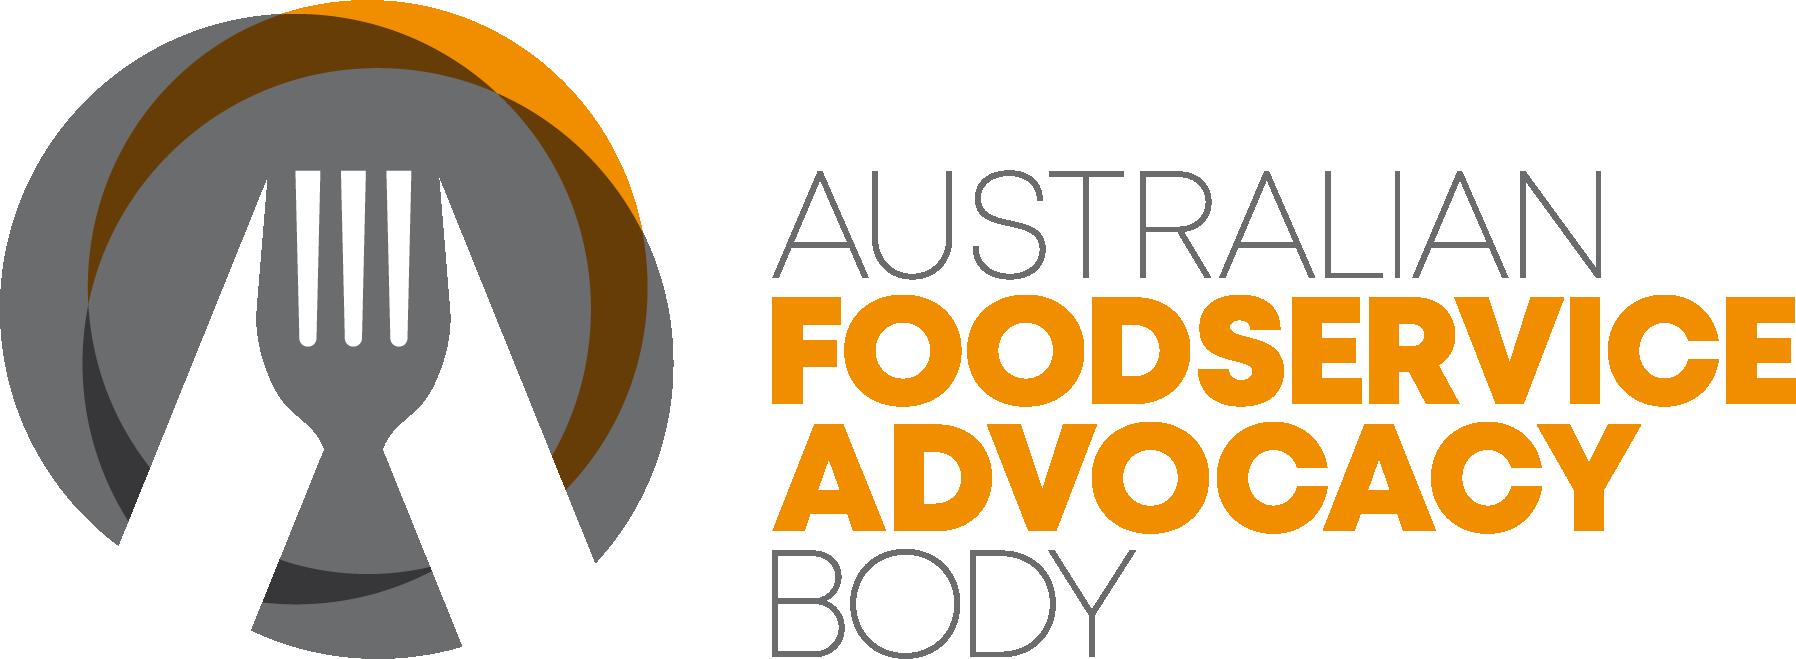 Australian Foodservice Advocacy Body